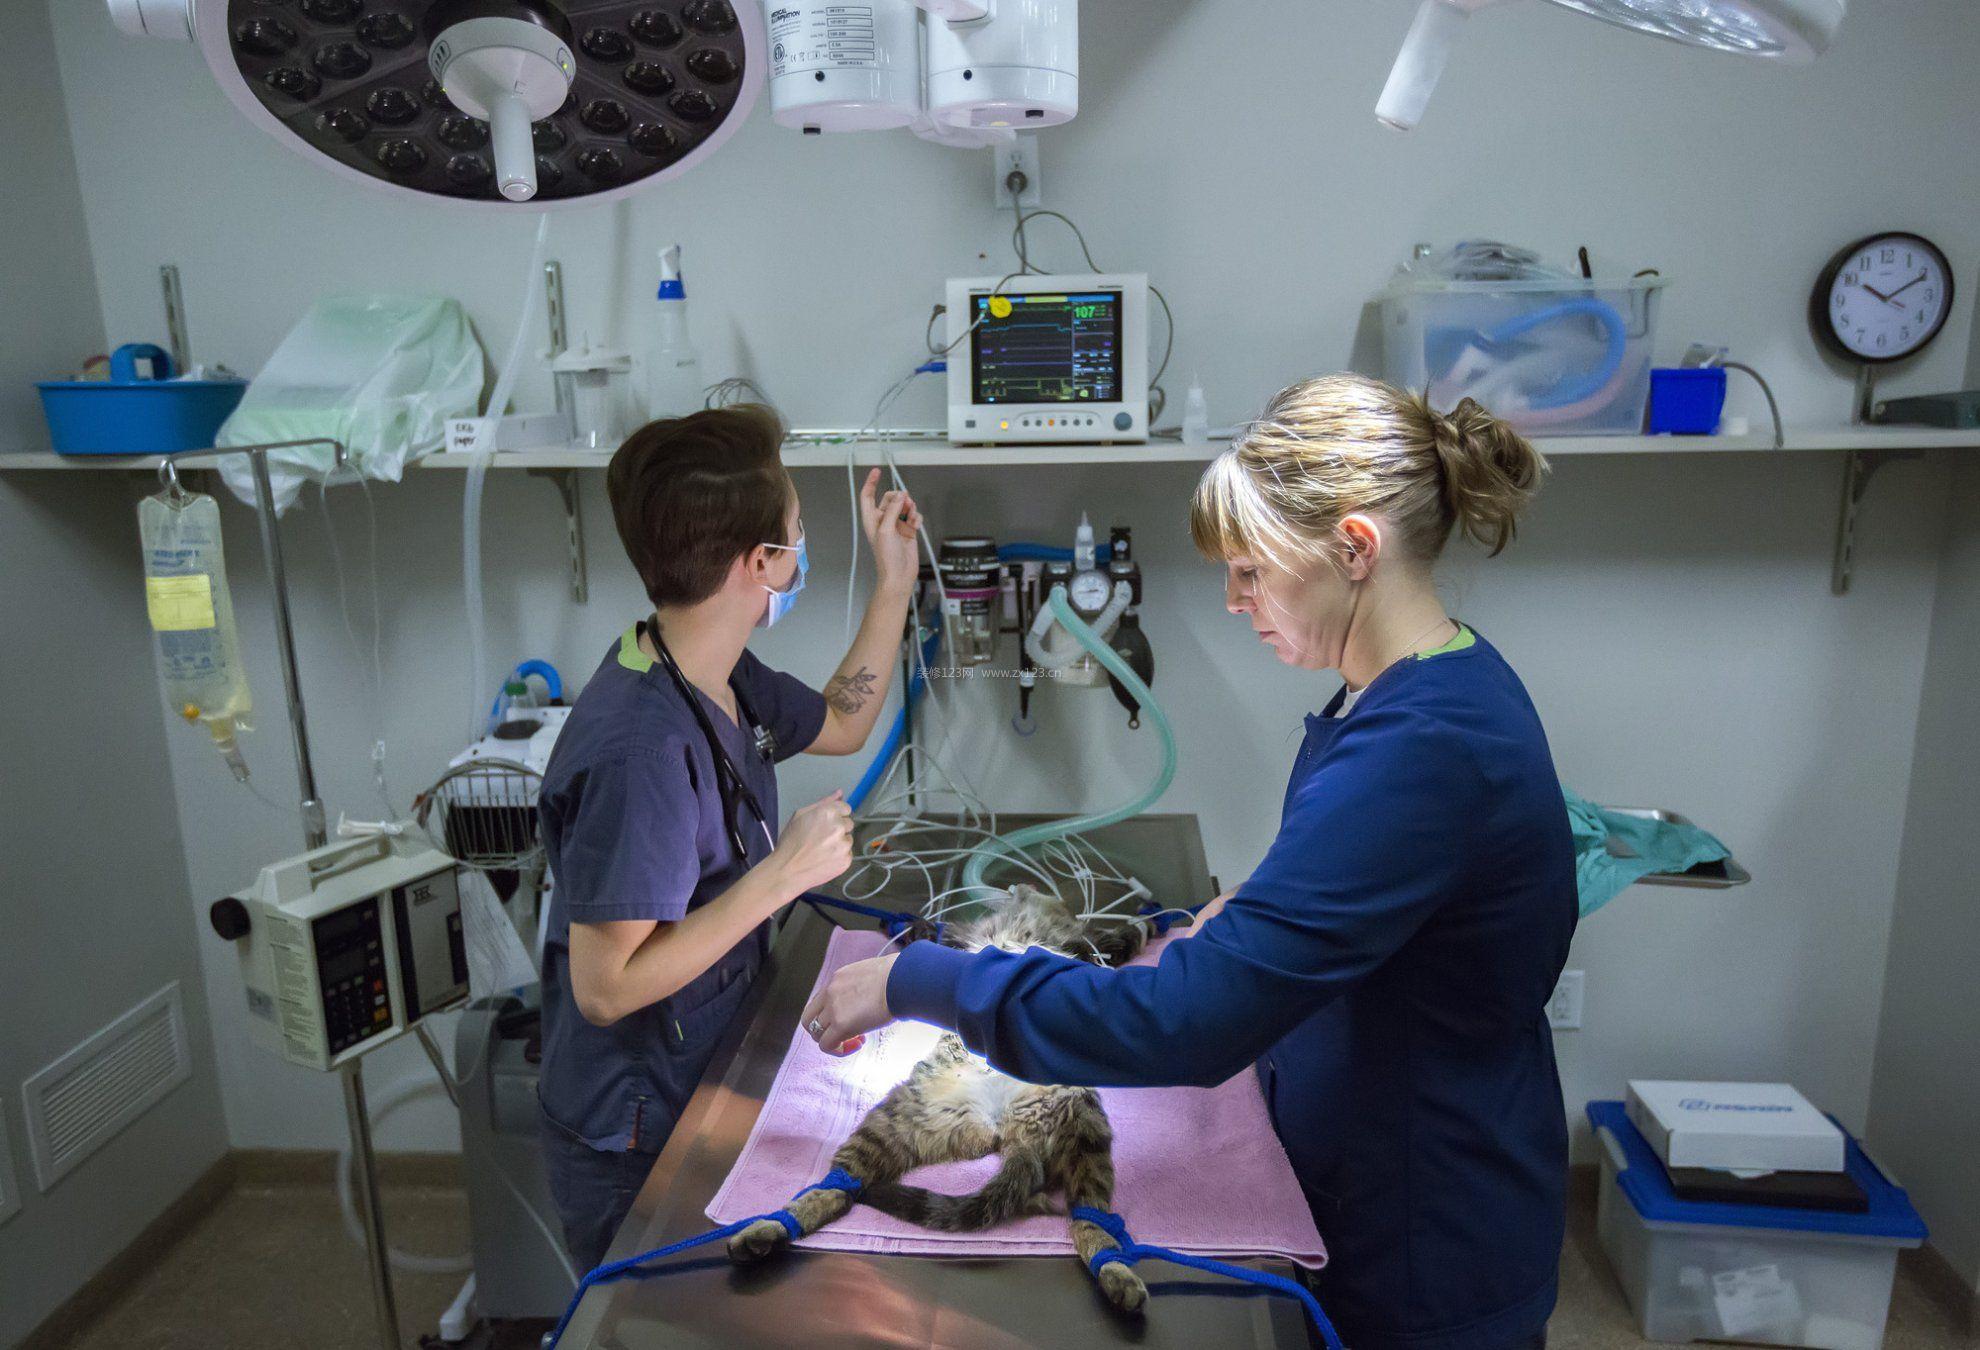 动物医院手术室装修设计效果图欣赏